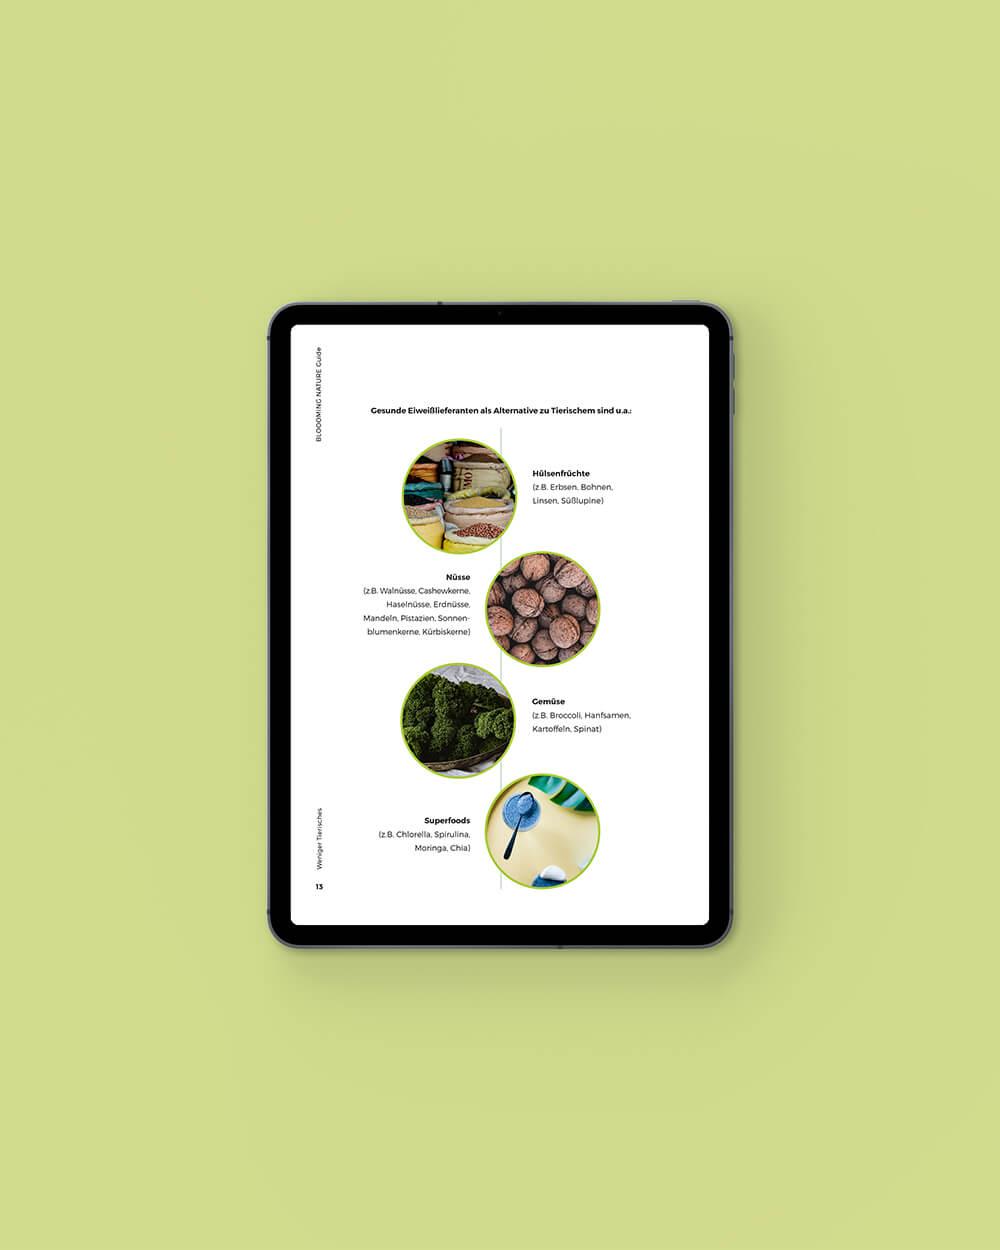 Inhaltsseite vom Bloooming Nature eBook: Übersicht Eiweißlieferanten